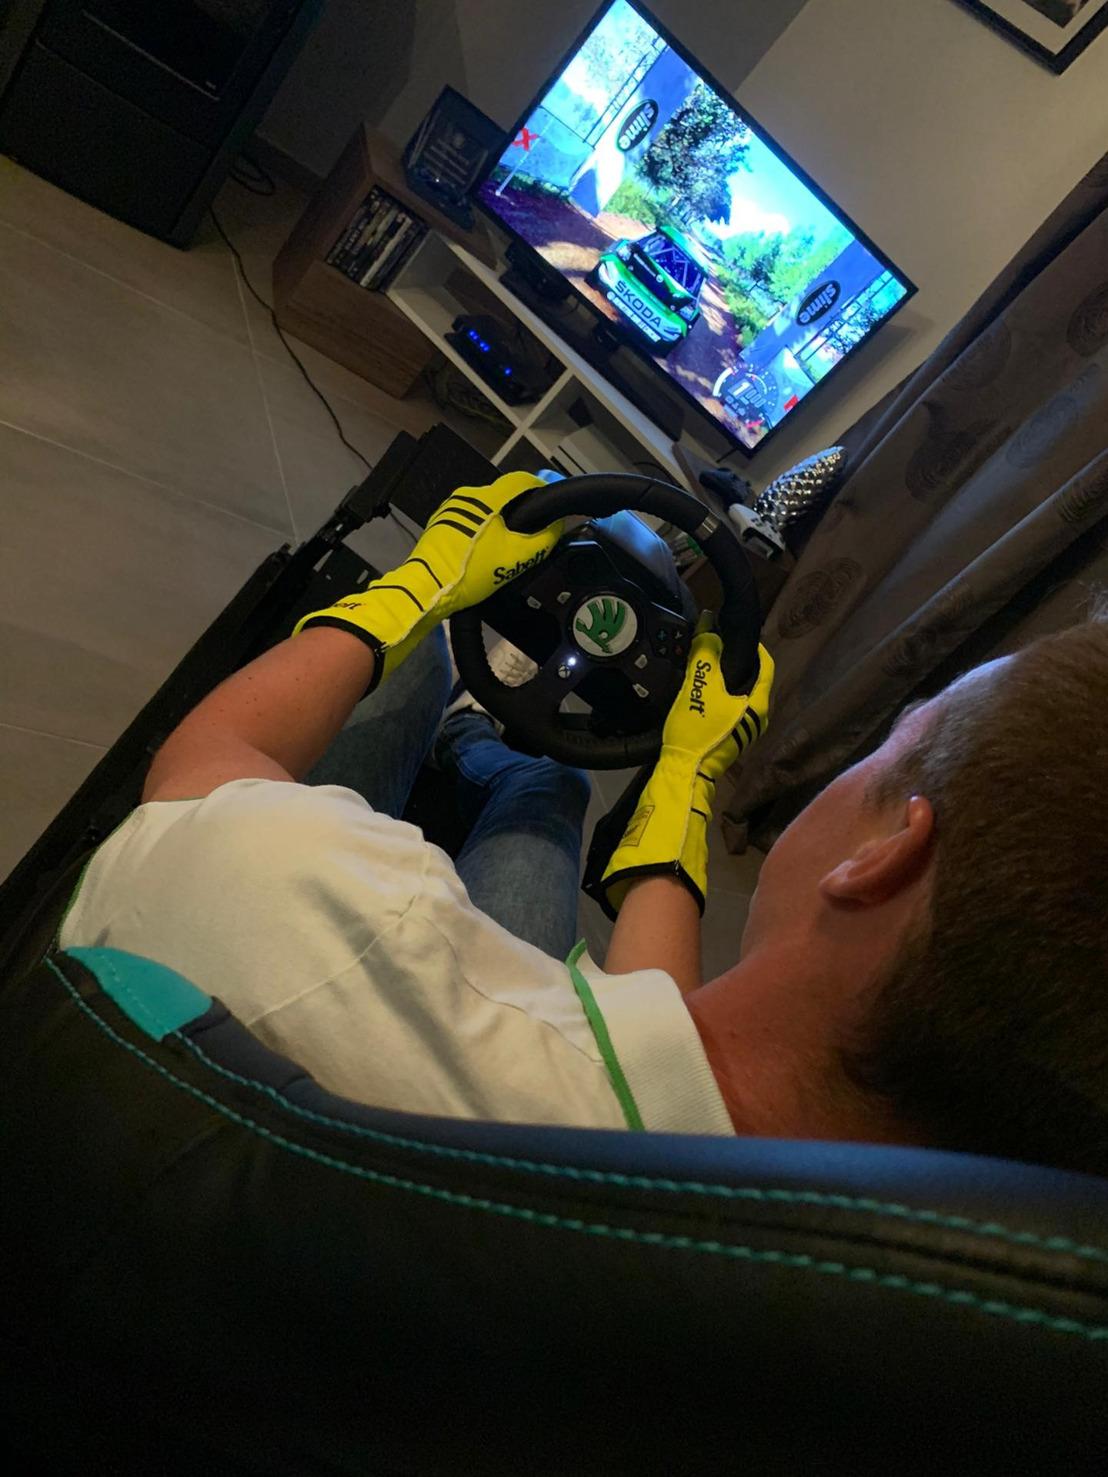 Sébastien Bedoret : « Le virtuel, c'est du pilotage, mais sans les risques »